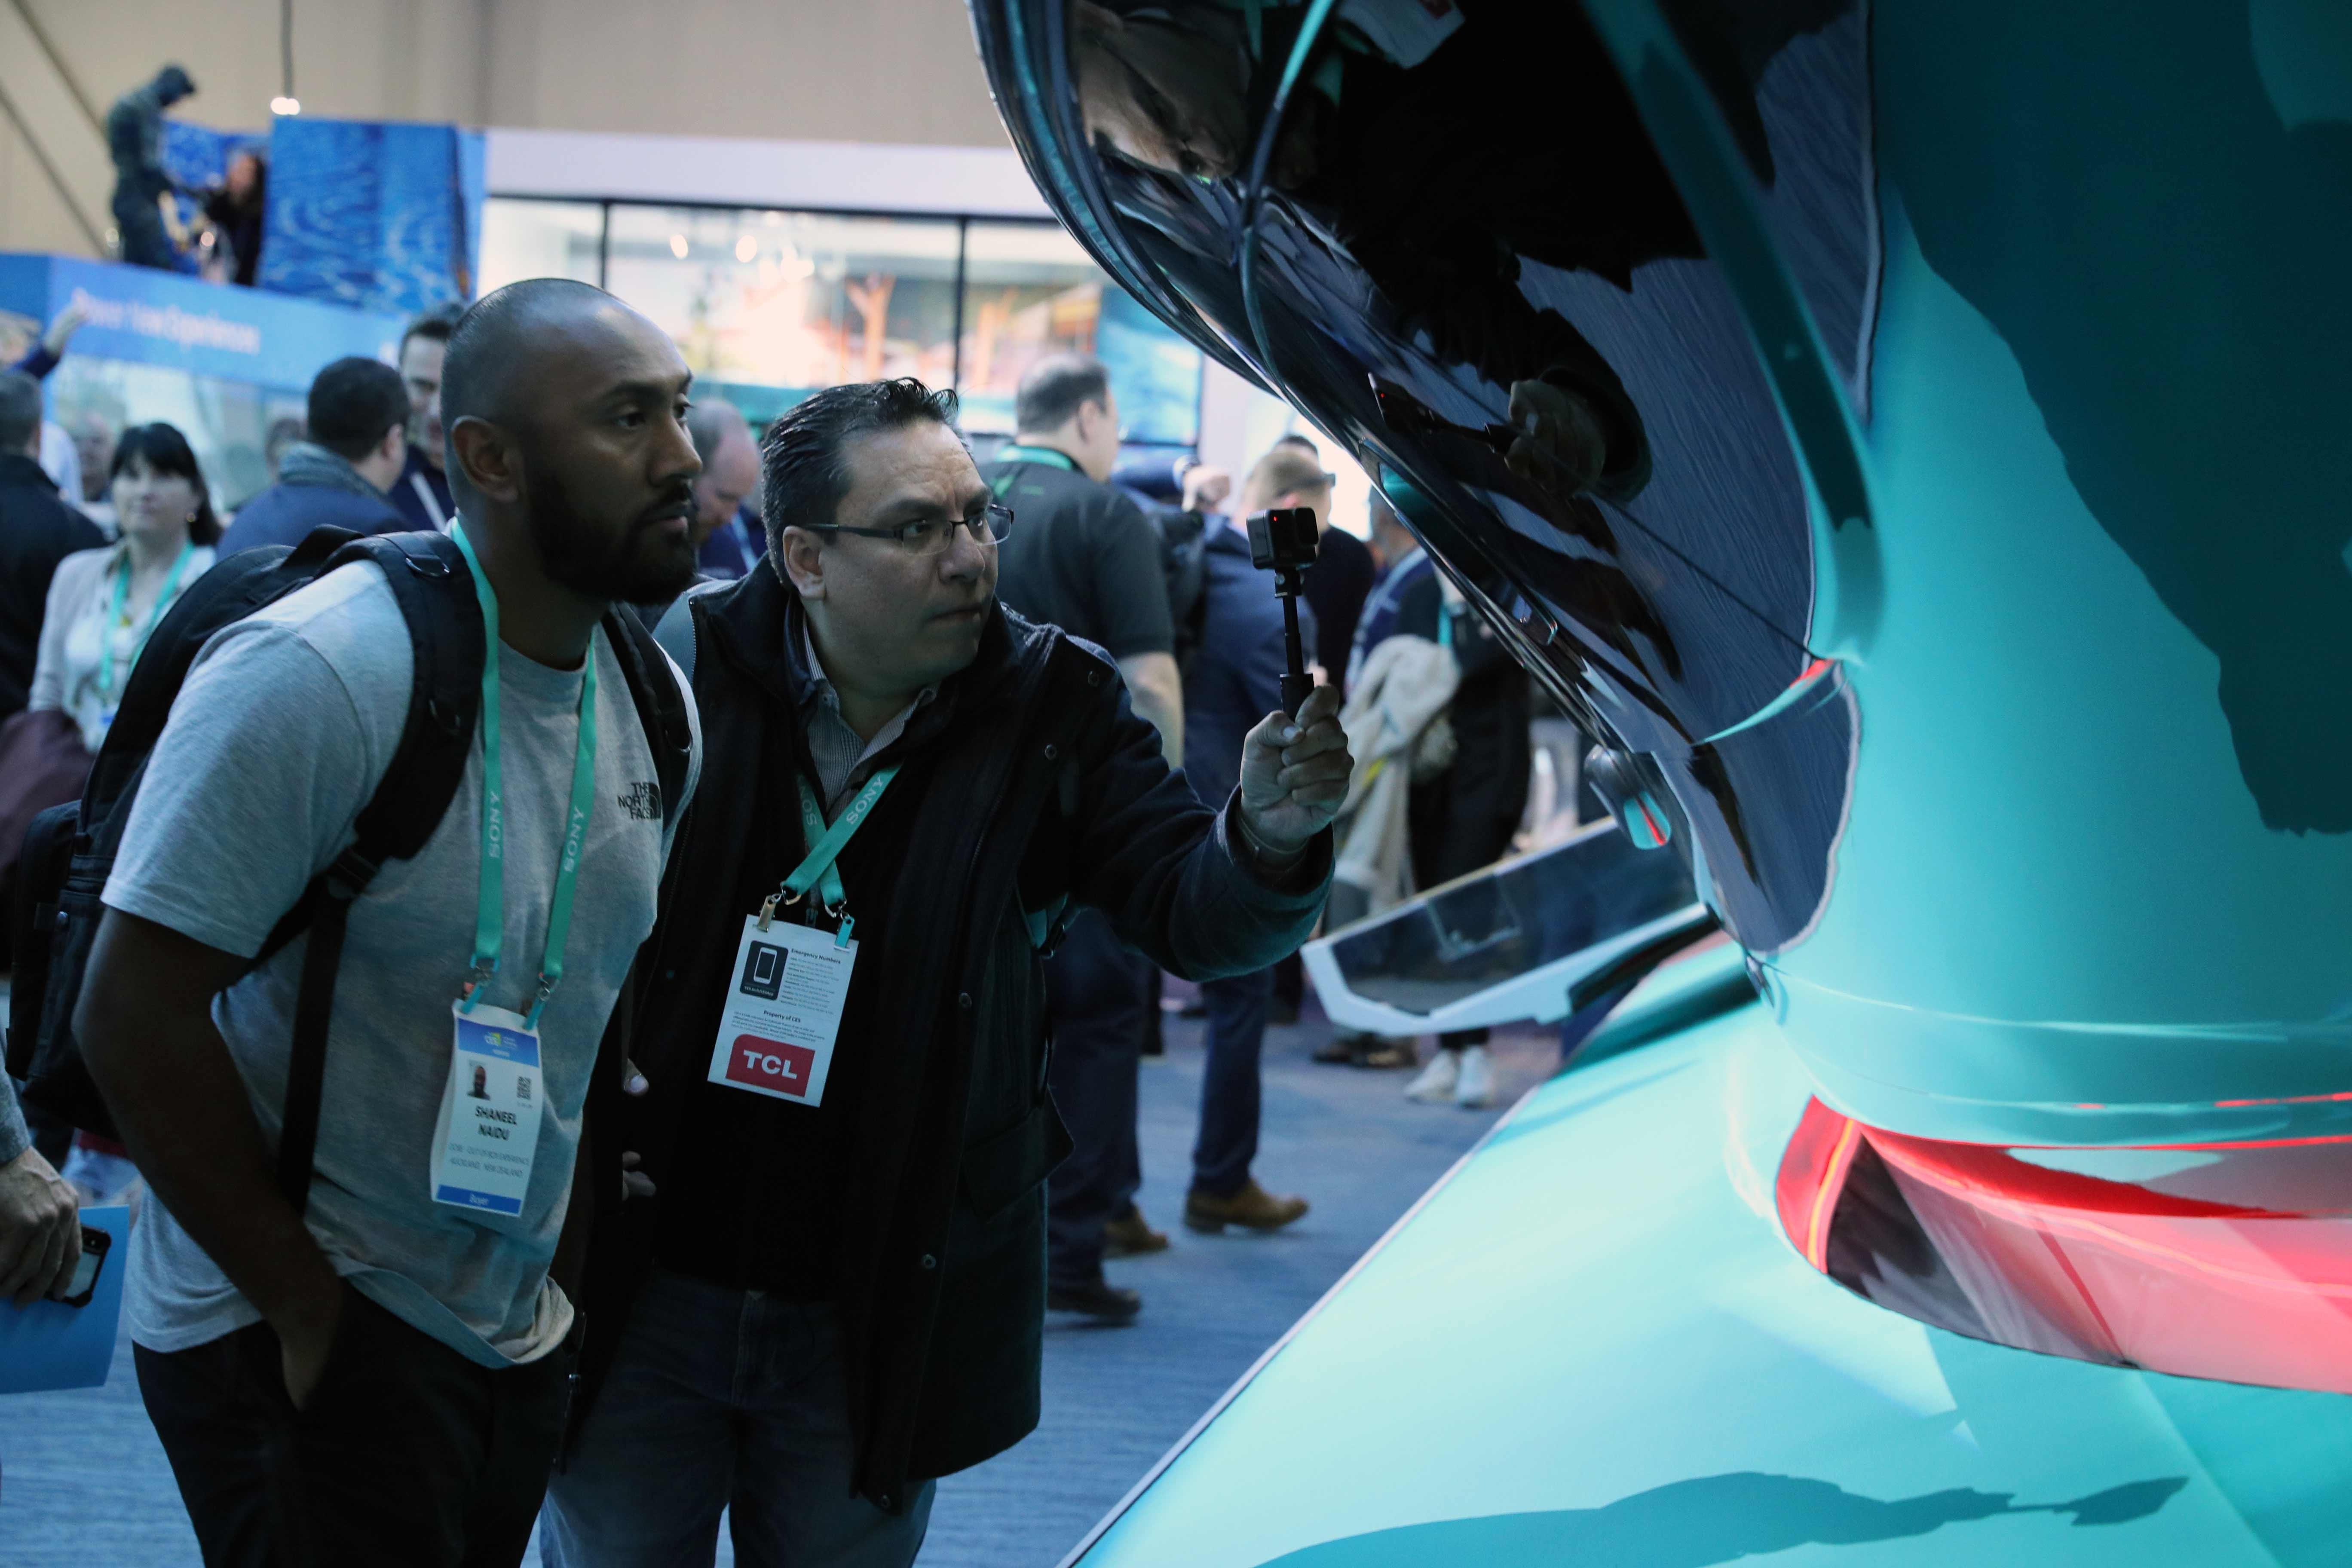 La inteligencia artificial fue una de las estrellas del CES 2020 en Las Vegas.